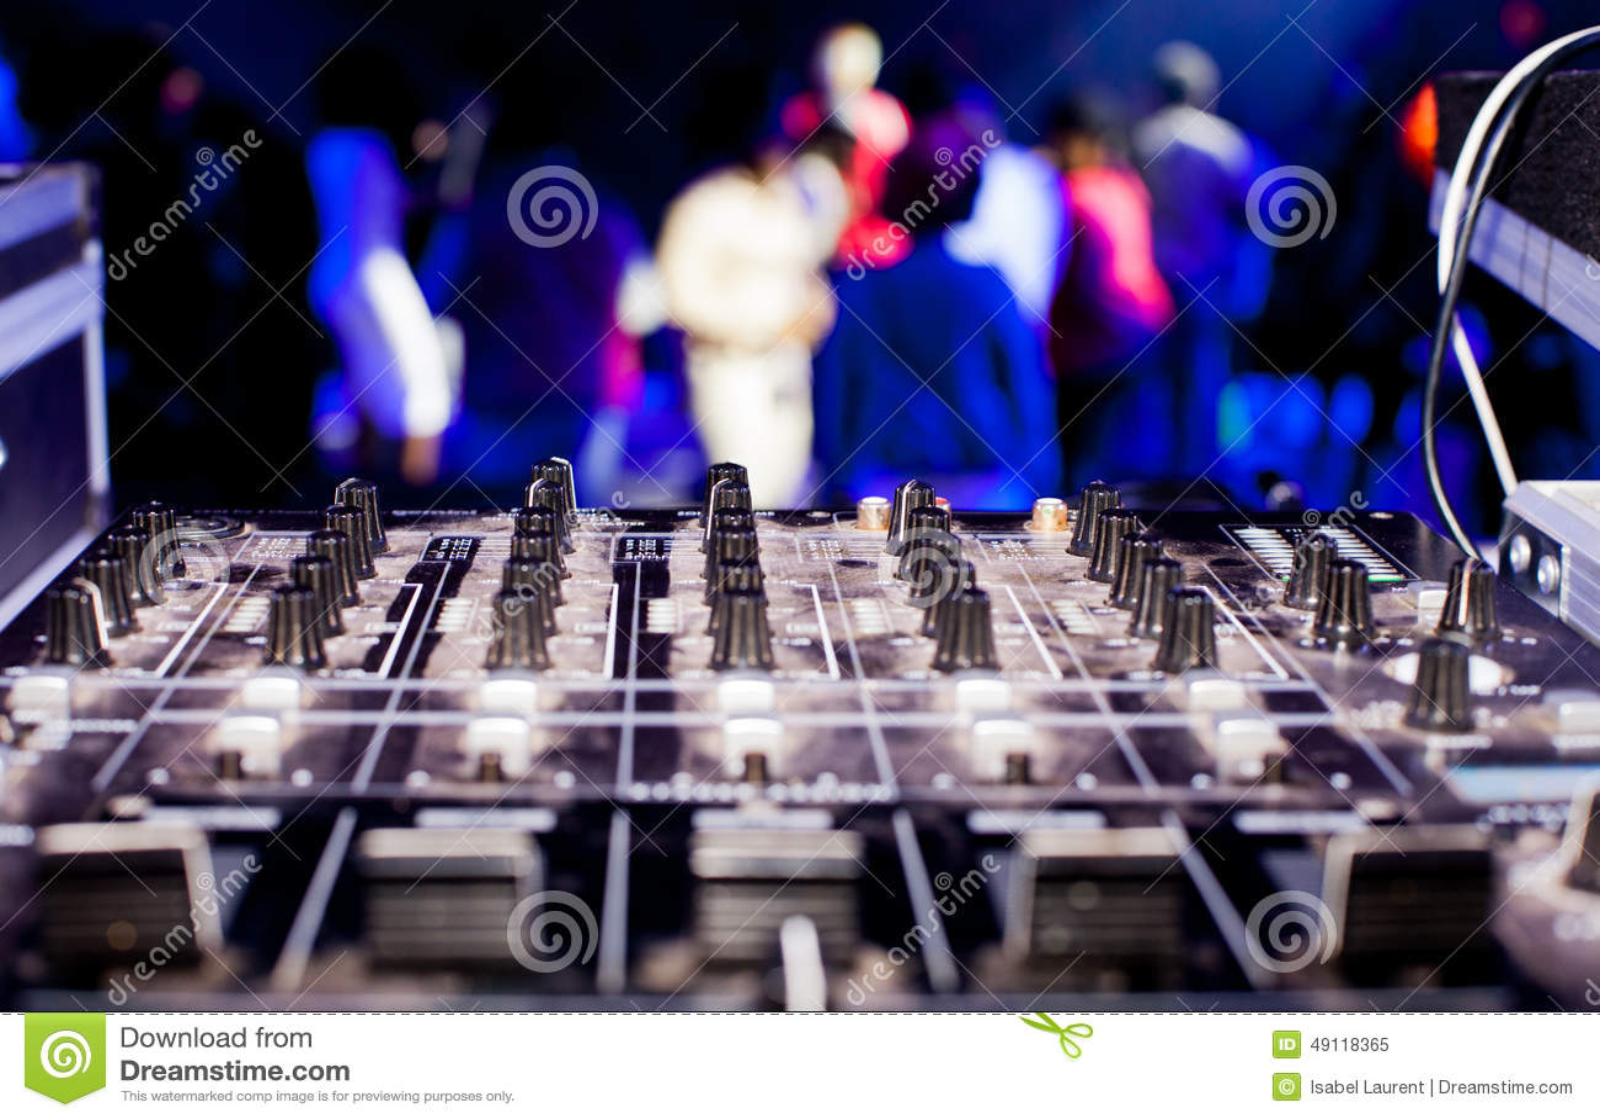 DJ搅拌器箱子和党人群